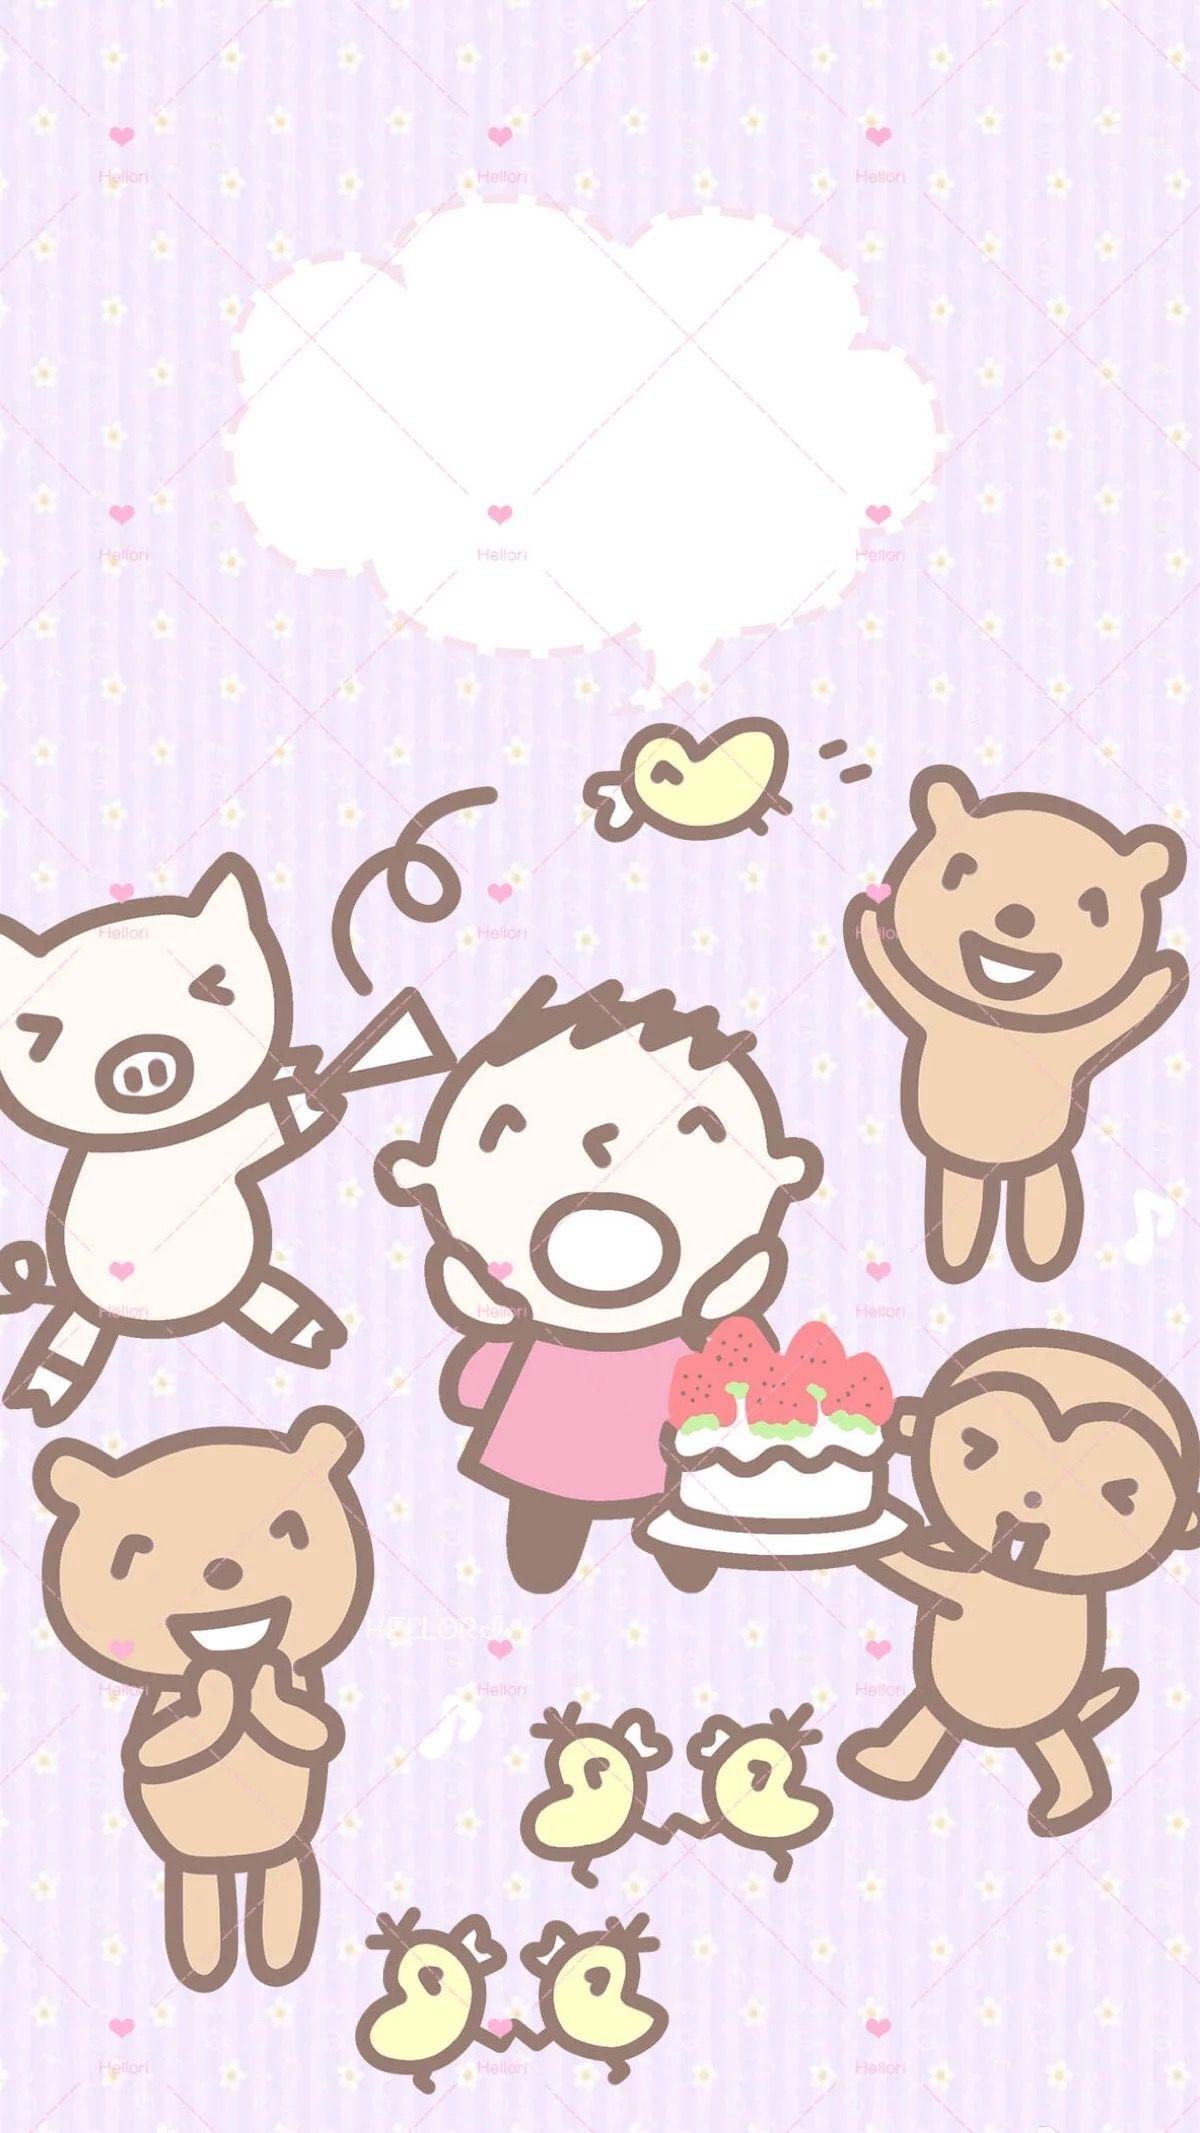 Pin By Pankeawa A A A A A A A On Wallpaper Sanrio Pinterest Sanrio